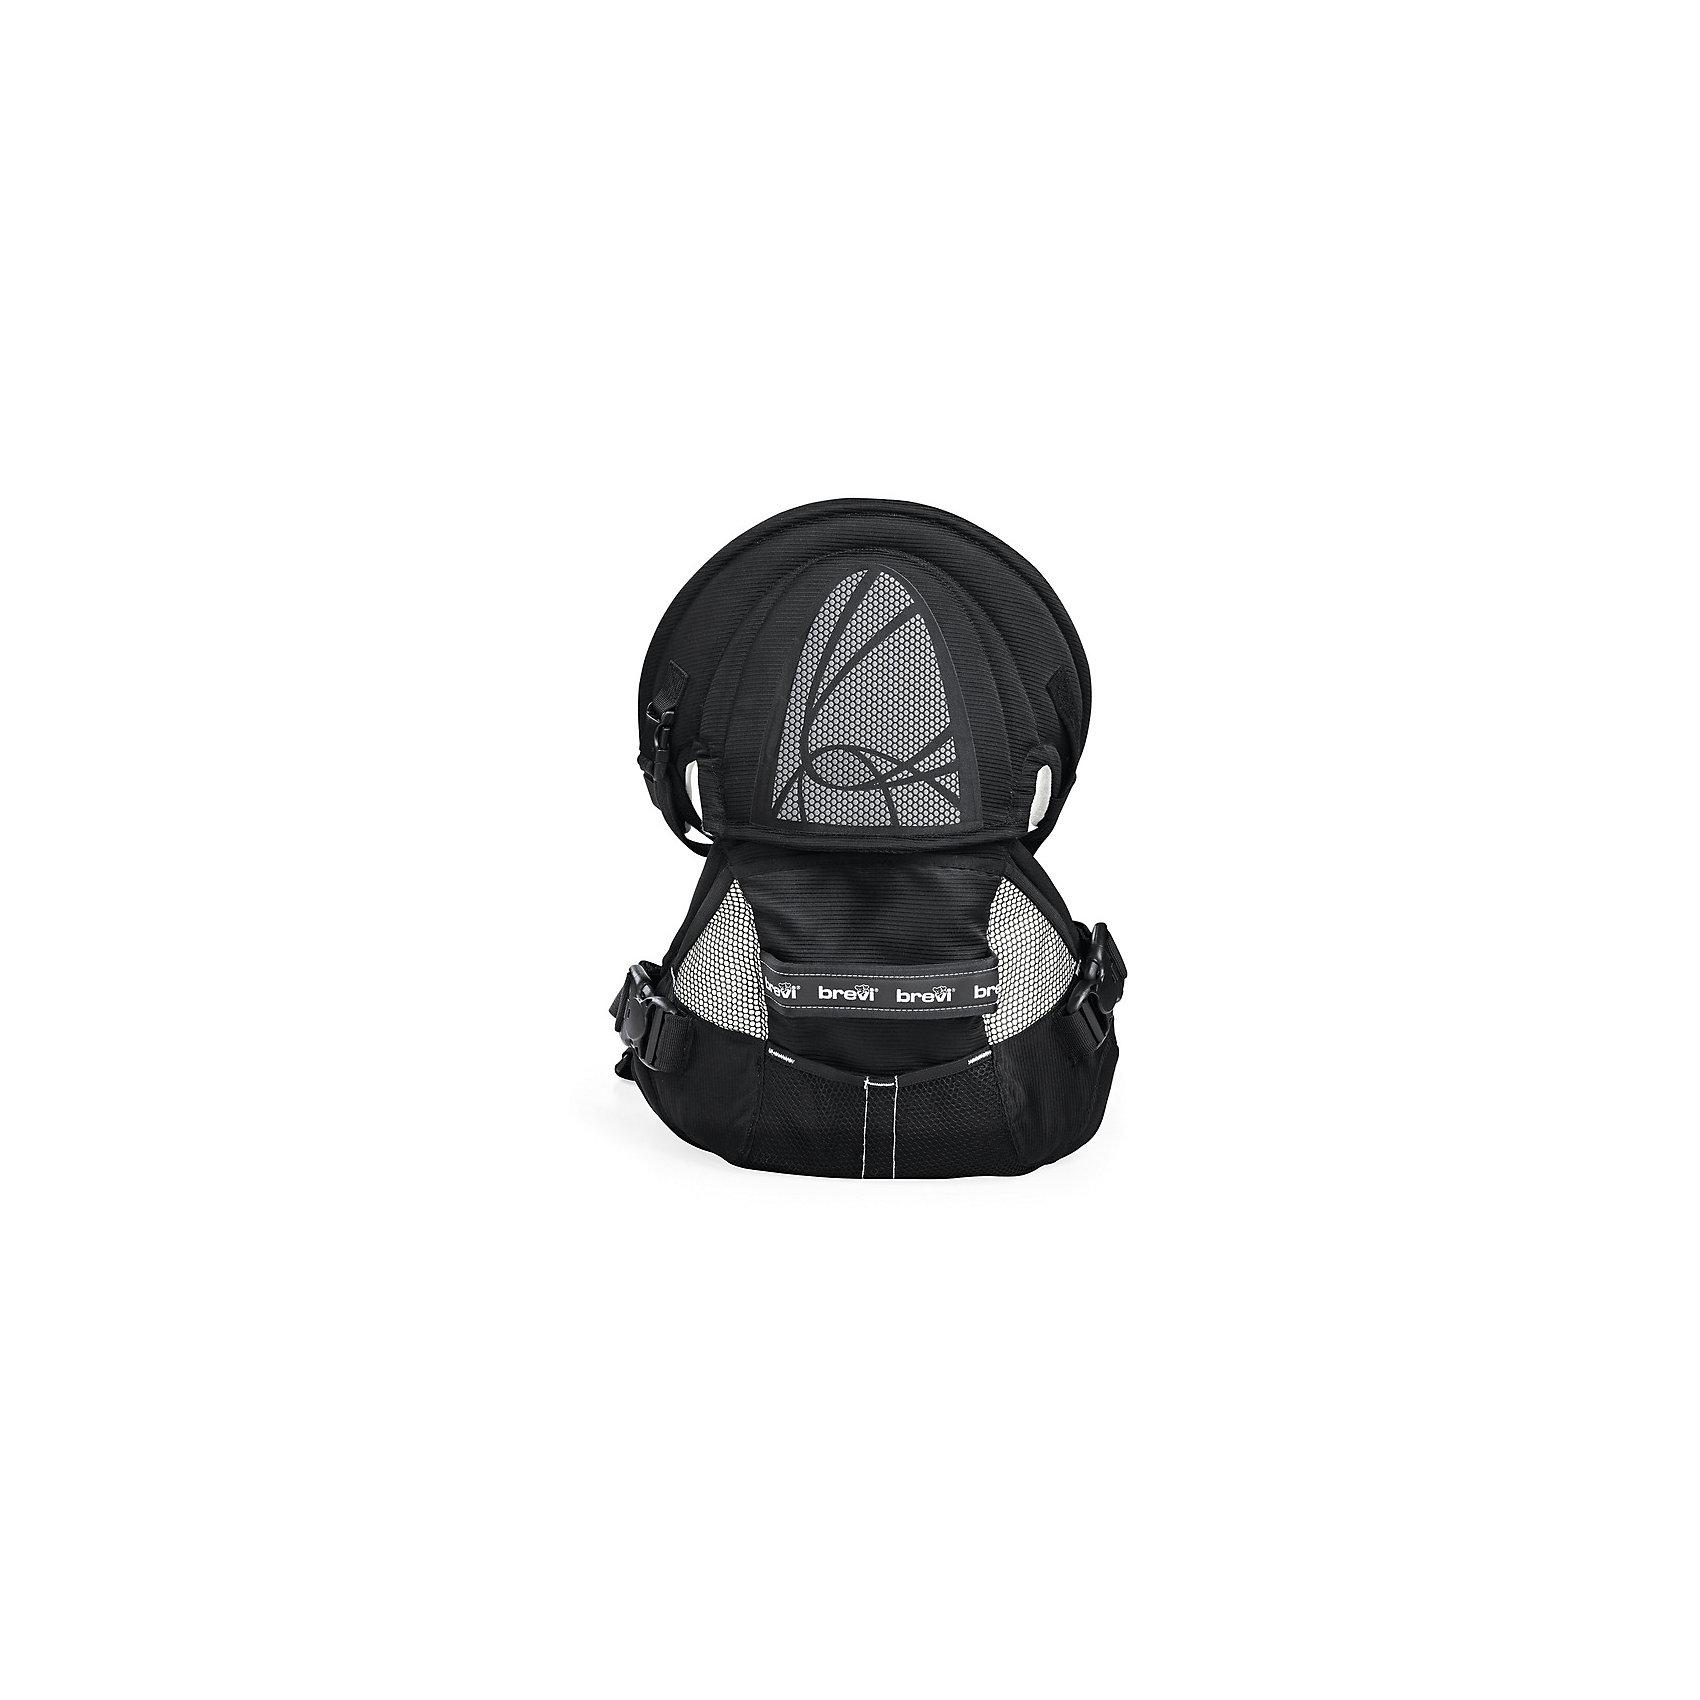 Рюкзачок для переноски детей Pod (015/258), Brevi, черныйСлинги и рюкзаки-переноски<br>Характеристики рюкзачка для переноски детей Brevi Pod: <br><br>- вес: 1,9 кг<br>- вес упаковки: 0,4 кг<br>- размер упаковки: 37*42*27 см<br>- объем упаковки: 0,043 м3<br>- минимальный вес ребенка: 3,5 кг.<br><br>Рюкзачок для переноски детей торговой марки Brevi Pod для переноски детей будет заботиться о спине мамы. У рюкзака инновационная система распределения нагрузки на спину, имеющая новые точки опоры под мышкой и на плечи, она поглощает 60% веса Вашего малыша. Таким образом Вы сможете долго носить малыша в рюкзачке. У изделия имеются эргономичные ремни, которые регулируют рюкзак. Рюкзак  терморегулирующийся, воздухопроницаемый. Обивка не повредит нежной кожи малыша, так как выполнена из мягкого материала с органическими волокнами. Ткань изделия не содержит вредных веществ, не вызывает аллергии. Подходит для детей от 3,5 кг (с рождения) до 3-4 лет.<br><br>Рюкзачок для переноски детей торговой марки Brevi Pod можно купить в нашем интернет-магазине.<br><br>Ширина мм: 275<br>Глубина мм: 375<br>Высота мм: 420<br>Вес г: 2300<br>Возраст от месяцев: 0<br>Возраст до месяцев: 36<br>Пол: Унисекс<br>Возраст: Детский<br>SKU: 5144749